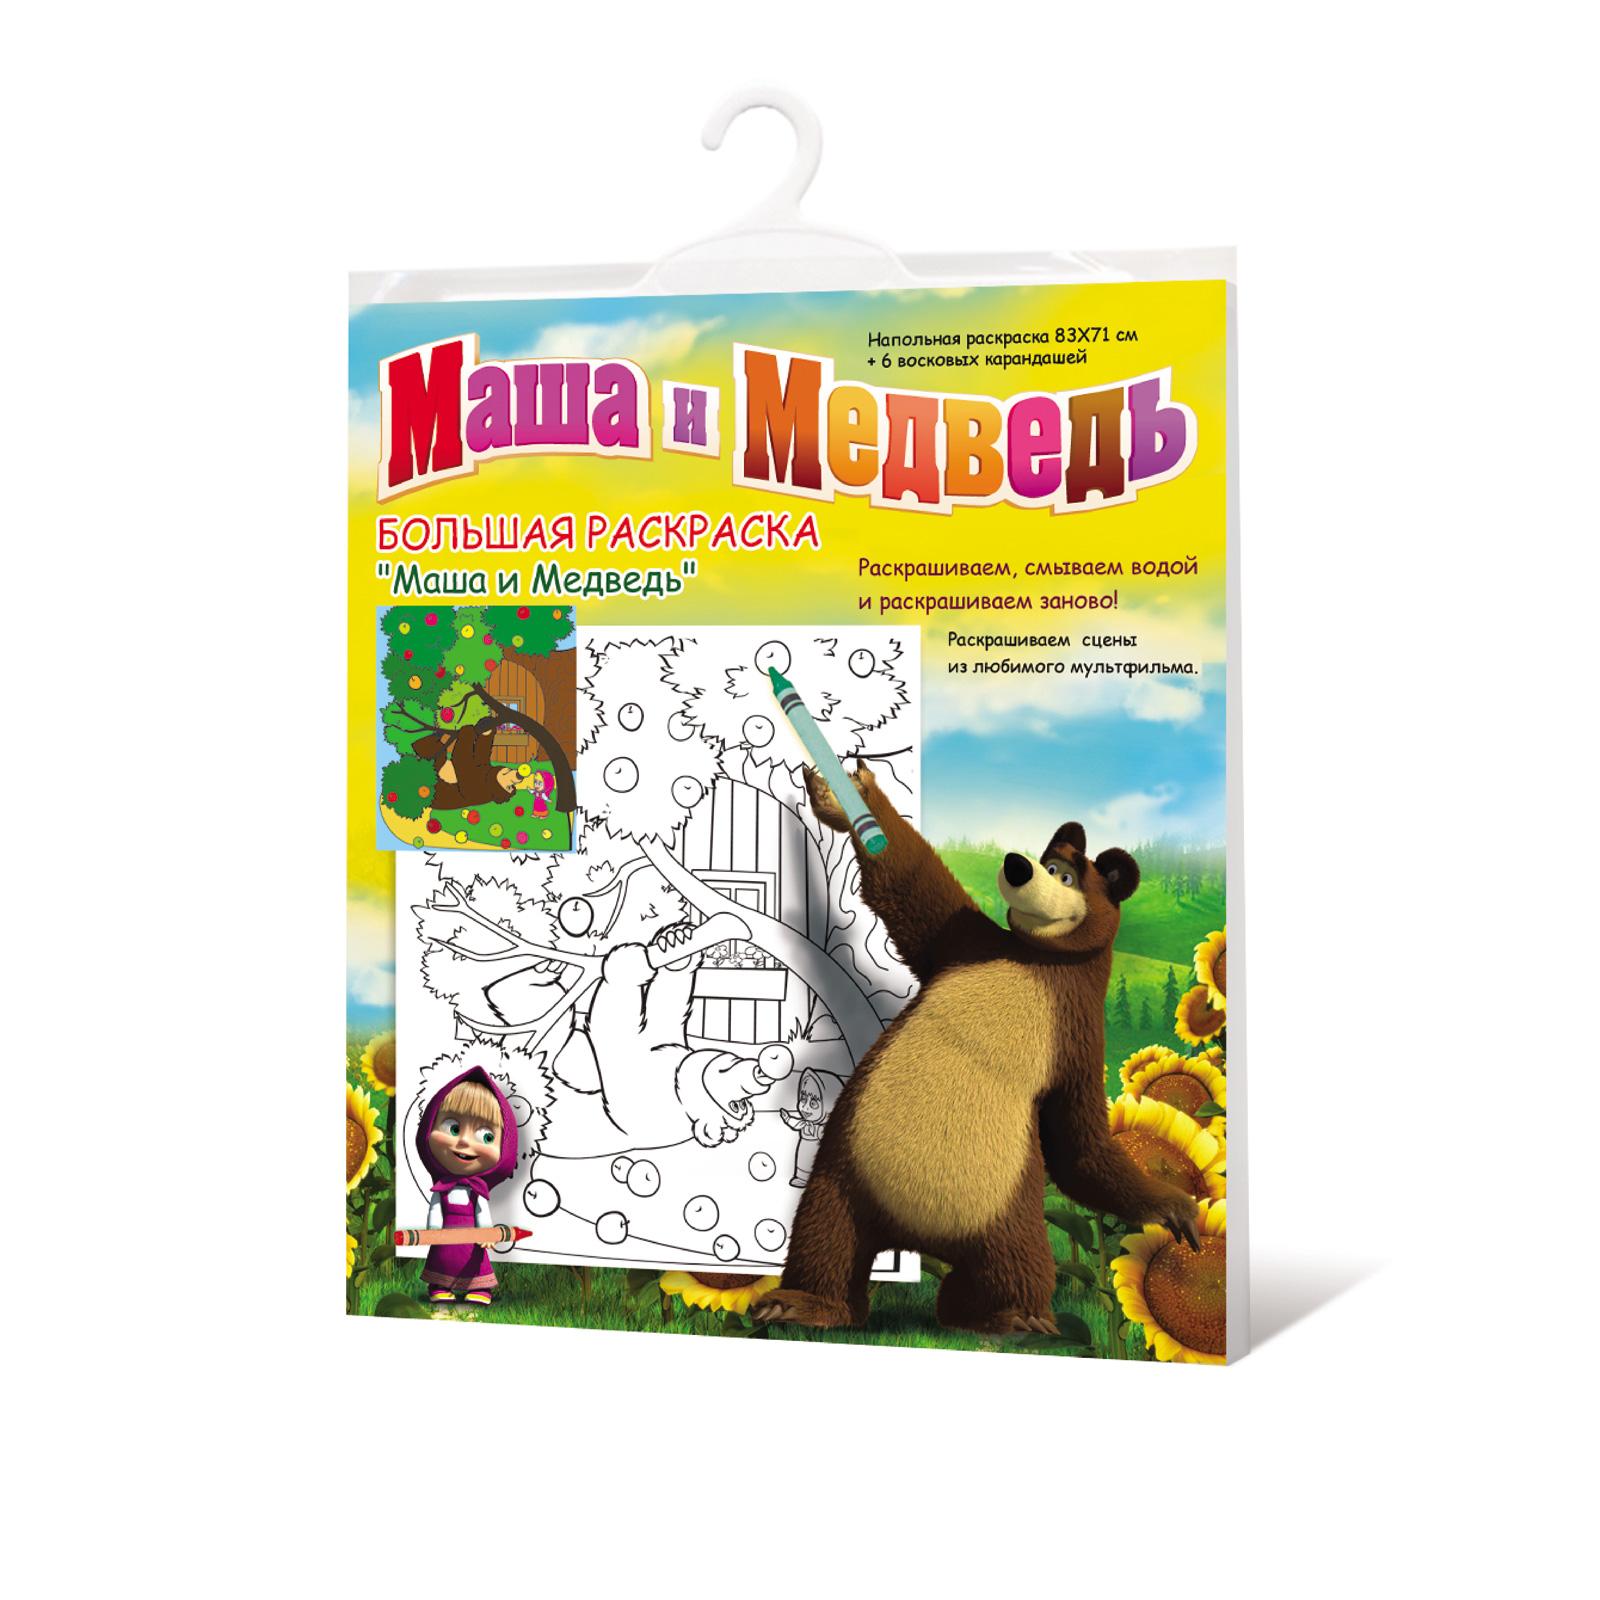 Большая раскраска Маша и медведь на дереве (напольная) + 6 воск. мелк